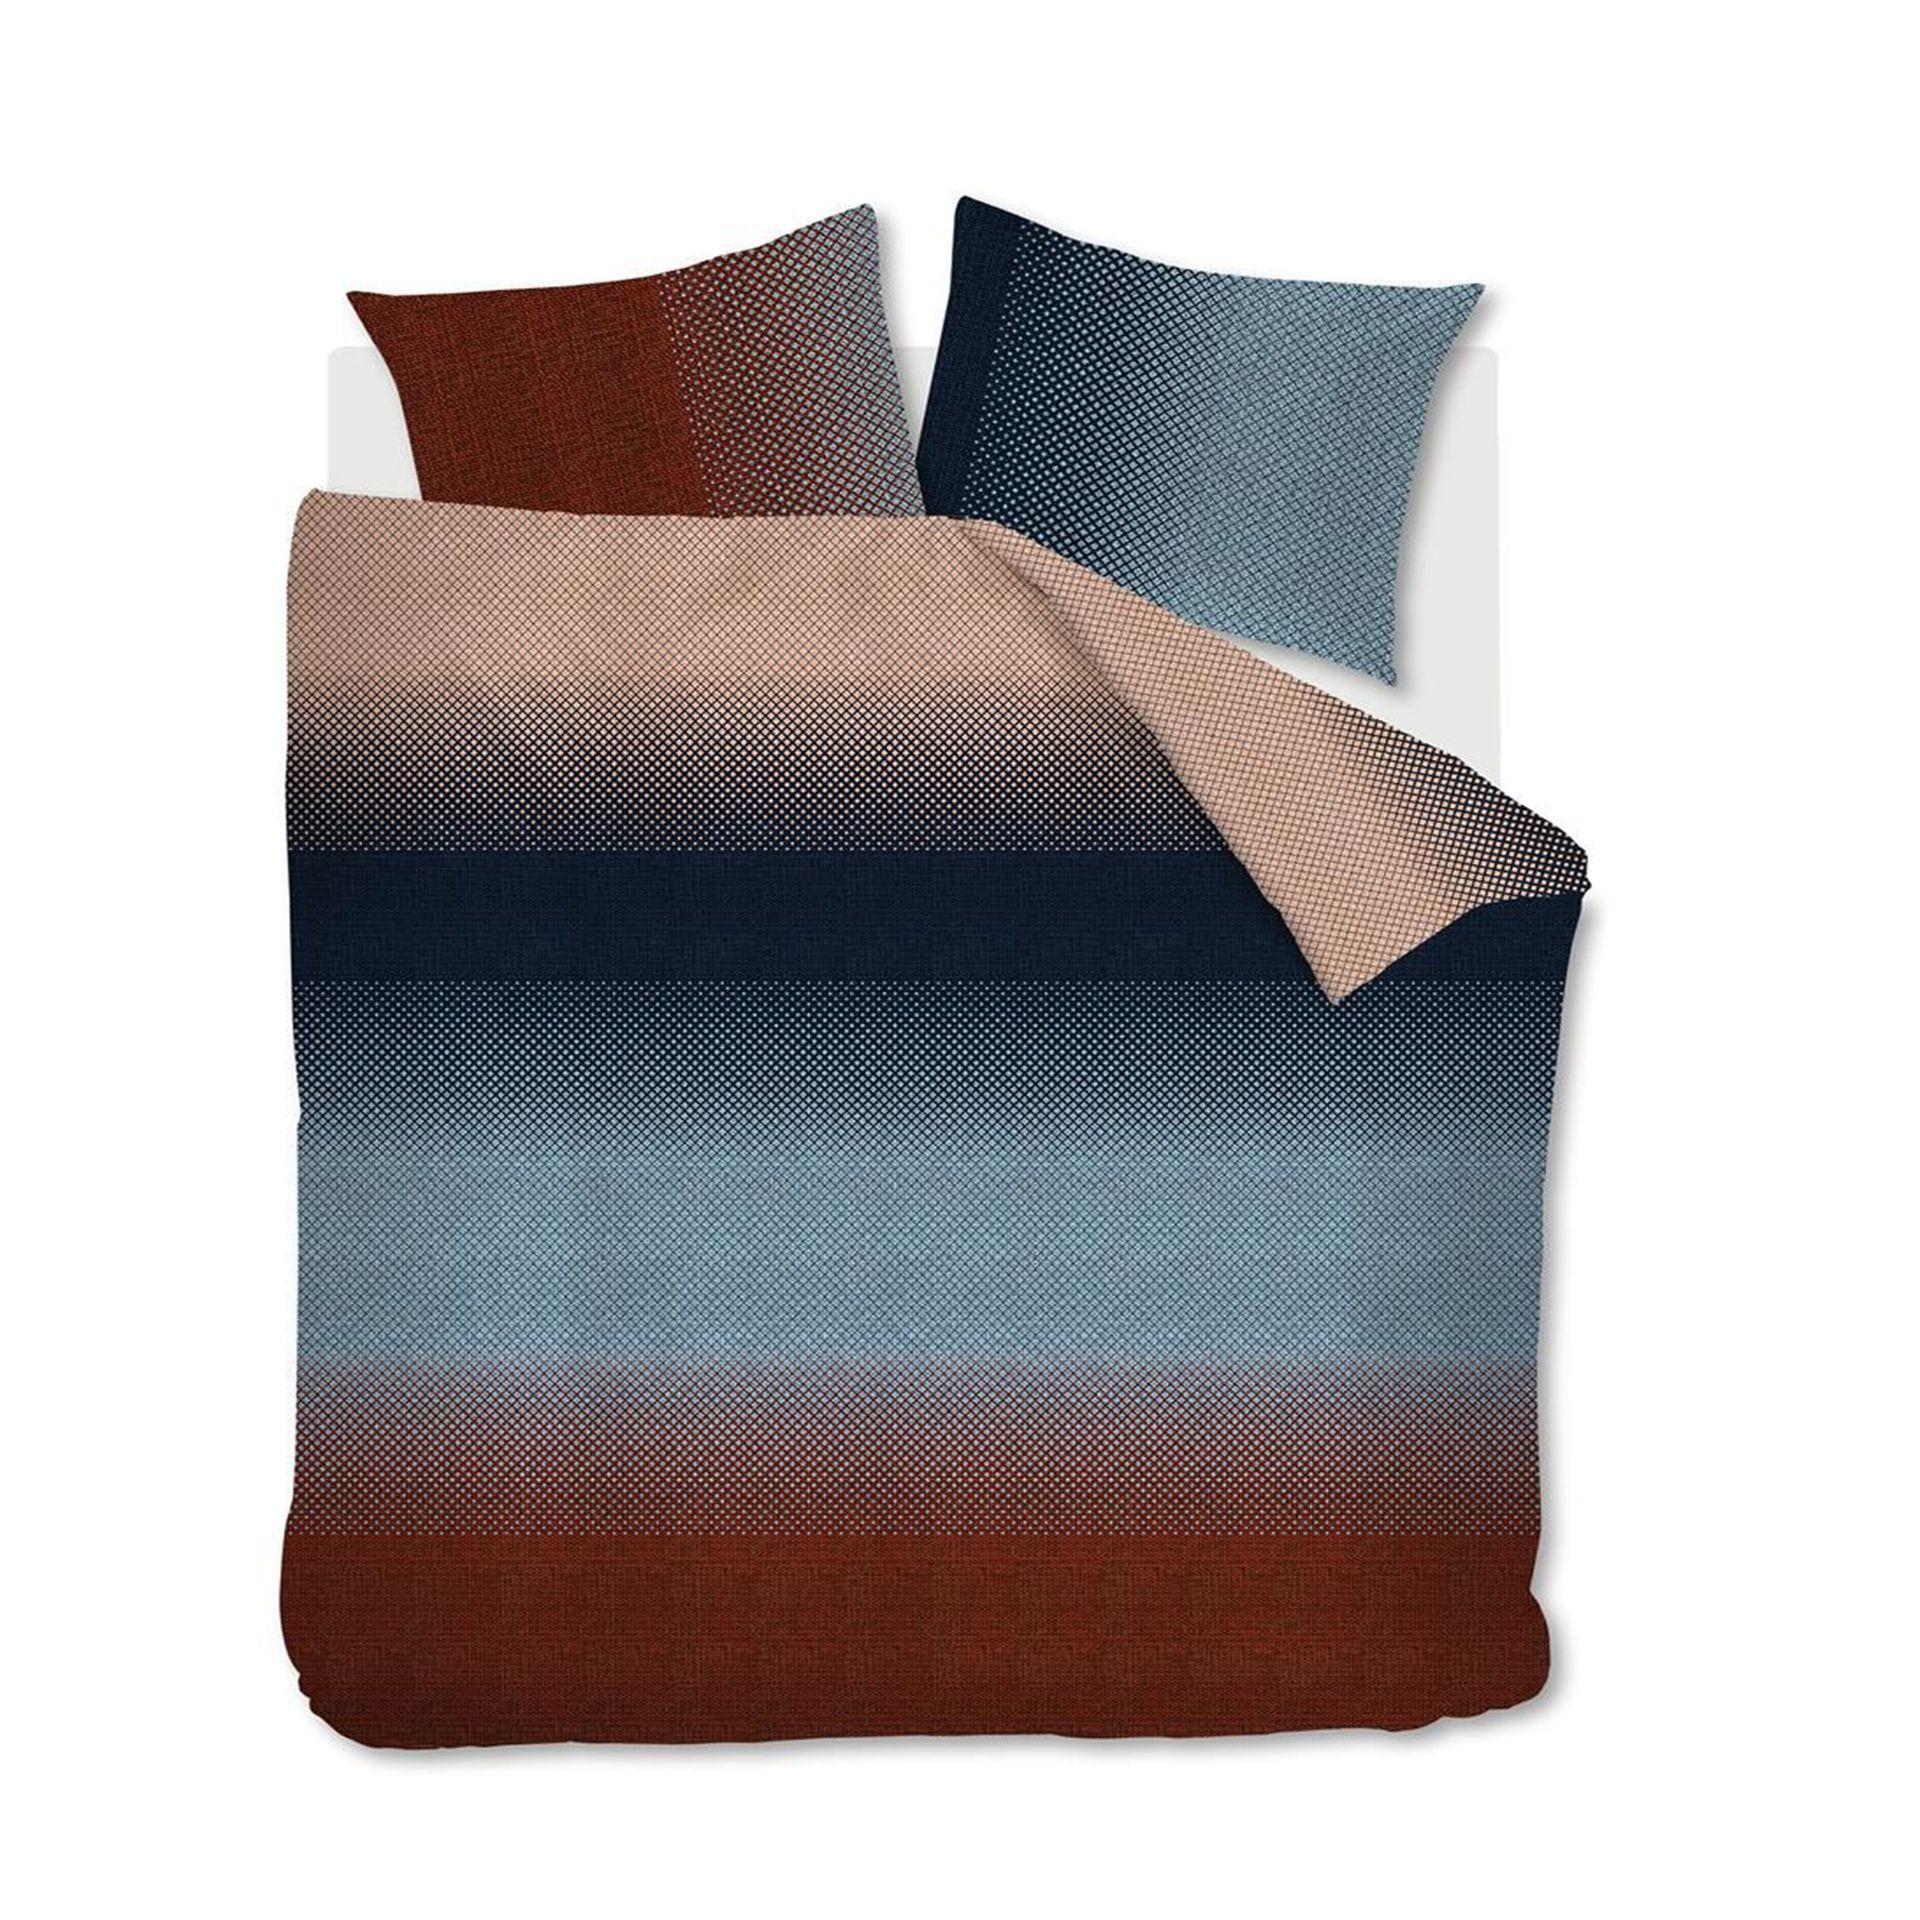 Beddinghouse - Duco Blue dekbedovertrek